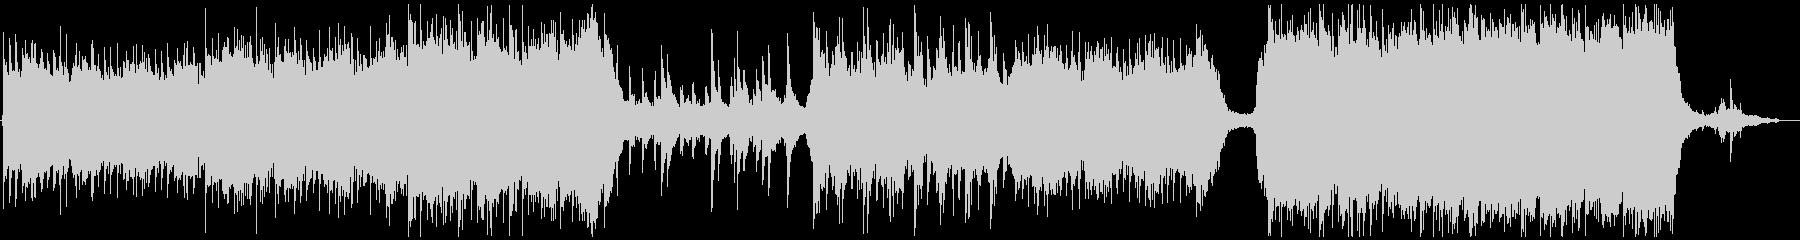 エモーショナルオーケストラ/メインテーマの未再生の波形